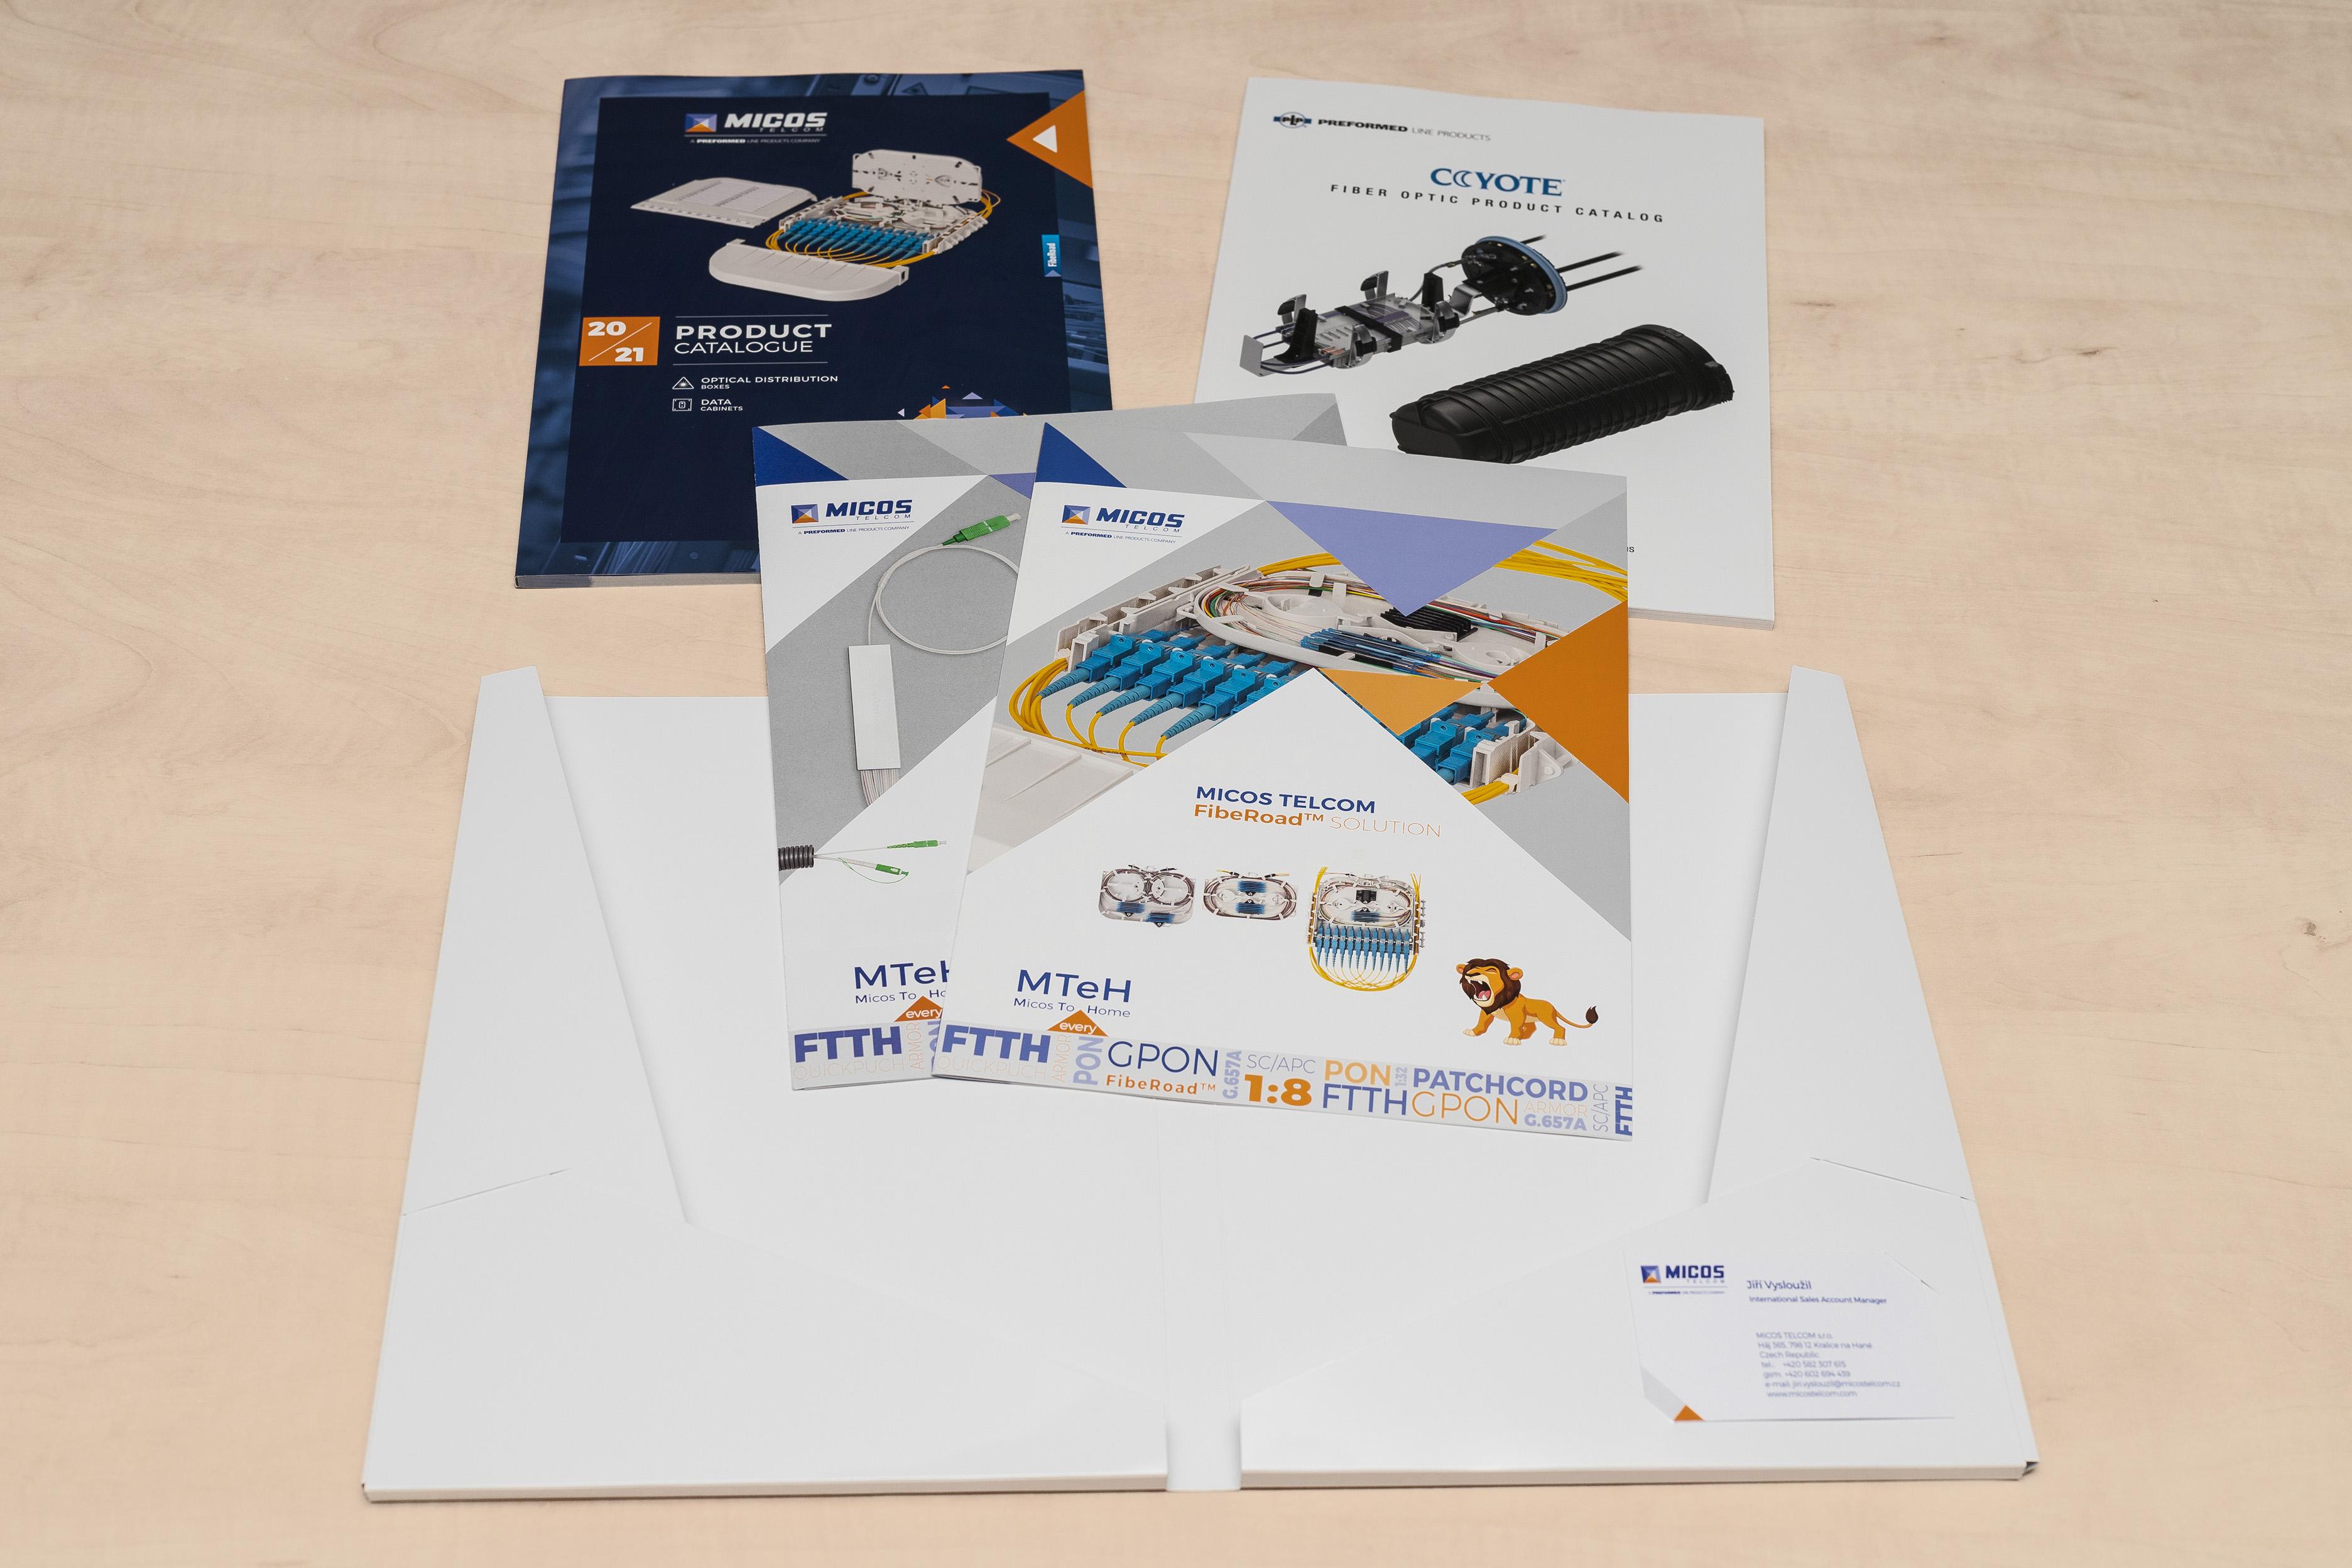 Micos Telcom catalog